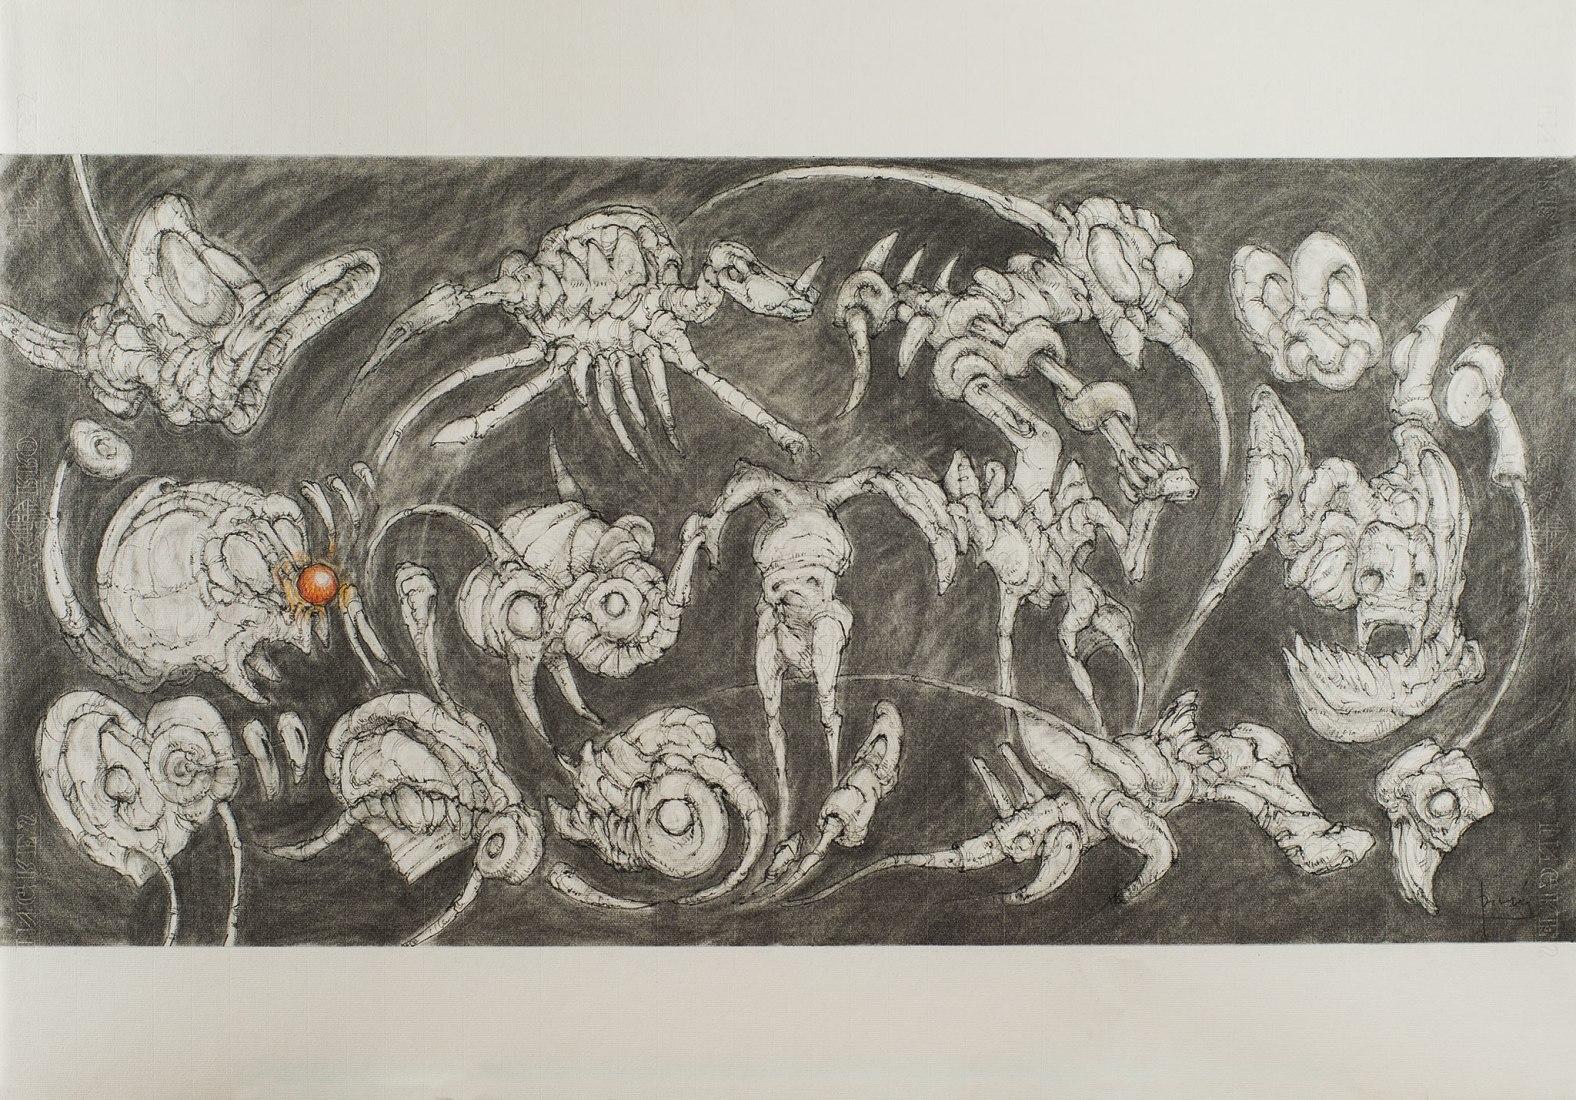 Todo cuanto tiene forma puede desaparecer en un instante II, Carboncillo, pastel y grafito sobre papel Ingres Guarro (70,0 x 100,0 cm). Arquitectura y otros animales por Fernando Díaz-Pinés Mateo